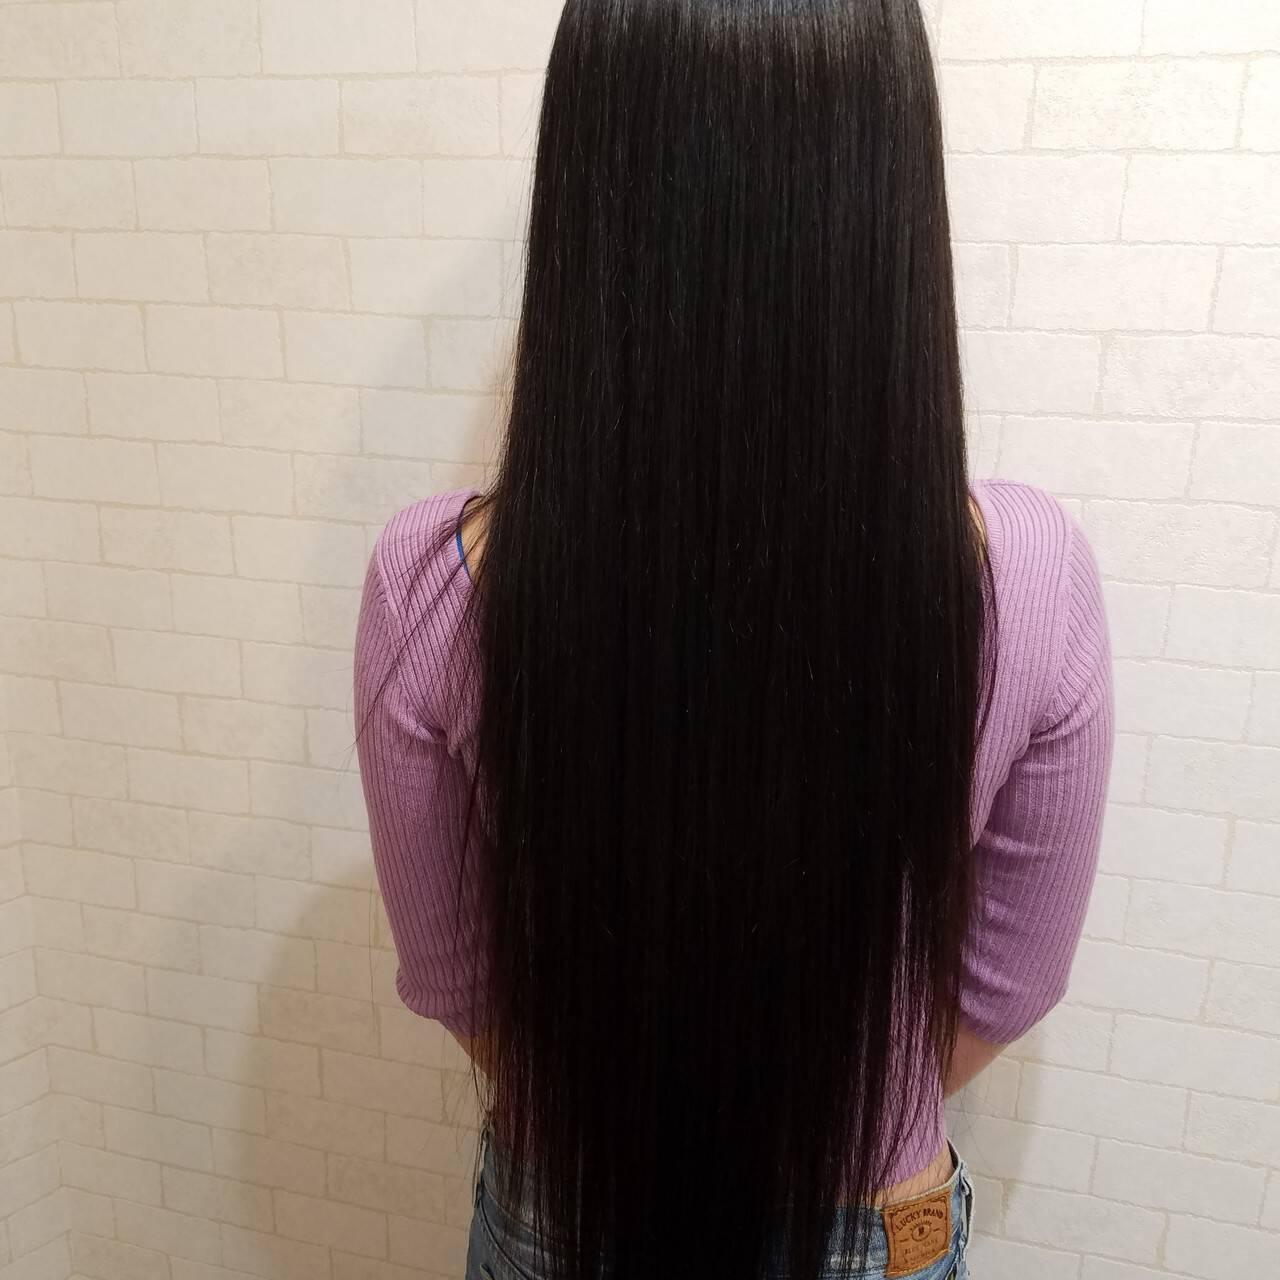 エレガント 久屋大通 ロング ワンカールパーマヘアスタイルや髪型の写真・画像